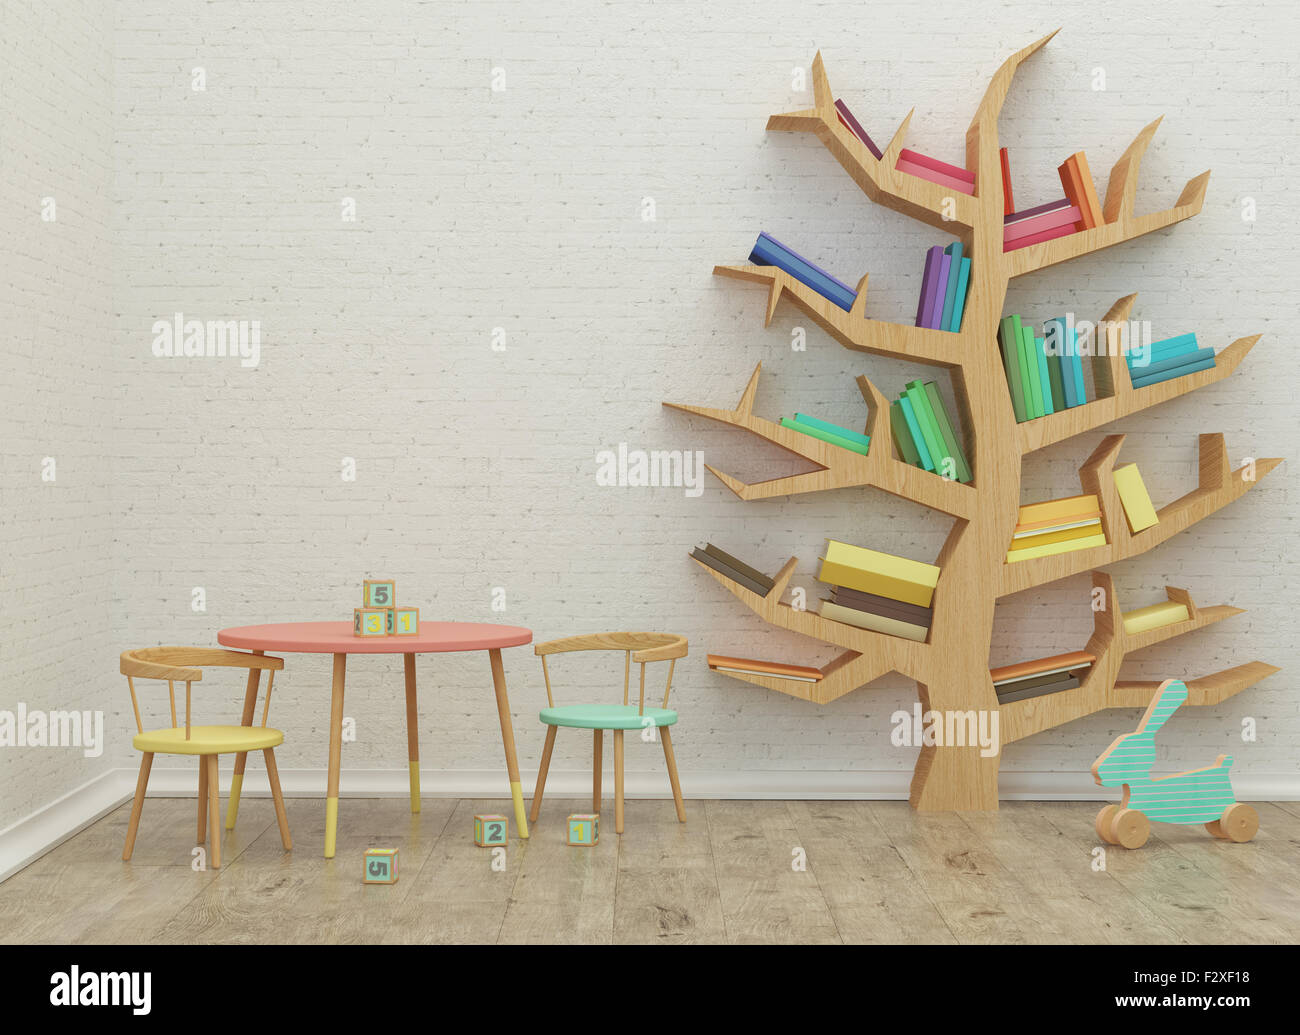 Sala de juegos para niños interior 3D rendering con coloridas imágenes de libros y juguetes Imagen De Stock